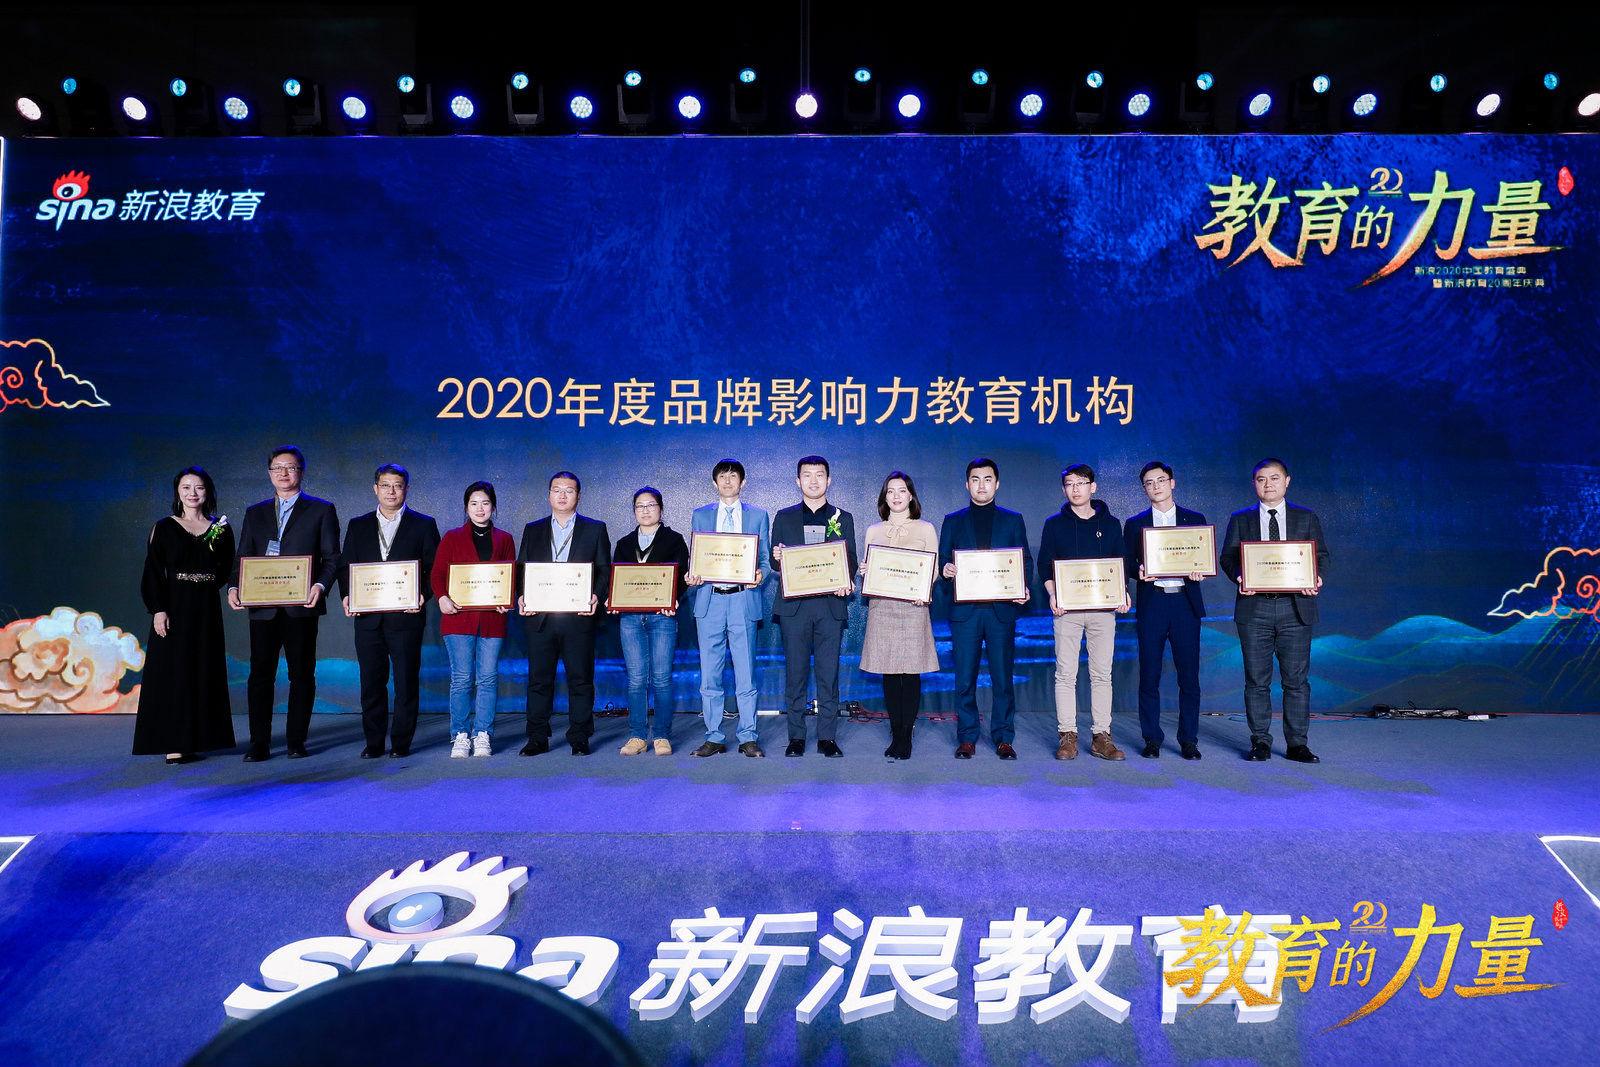 新浪2020中国教育盛典品牌影响力教育机构名单公布 玖月教育榜上有名